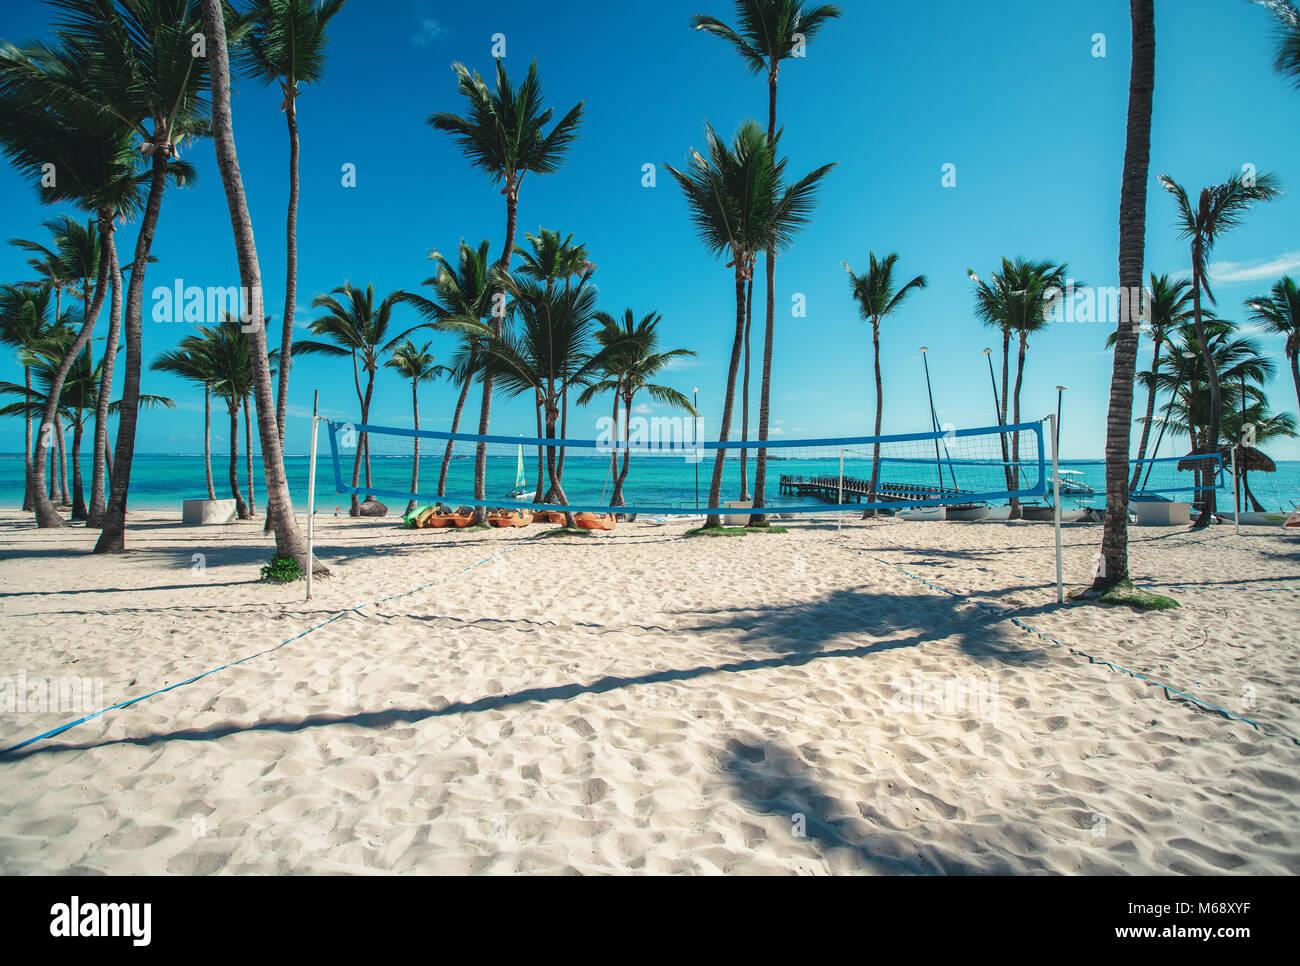 Filet de volley-ball sur la plage tropicale, mer des Caraïbes. Banque D'Images